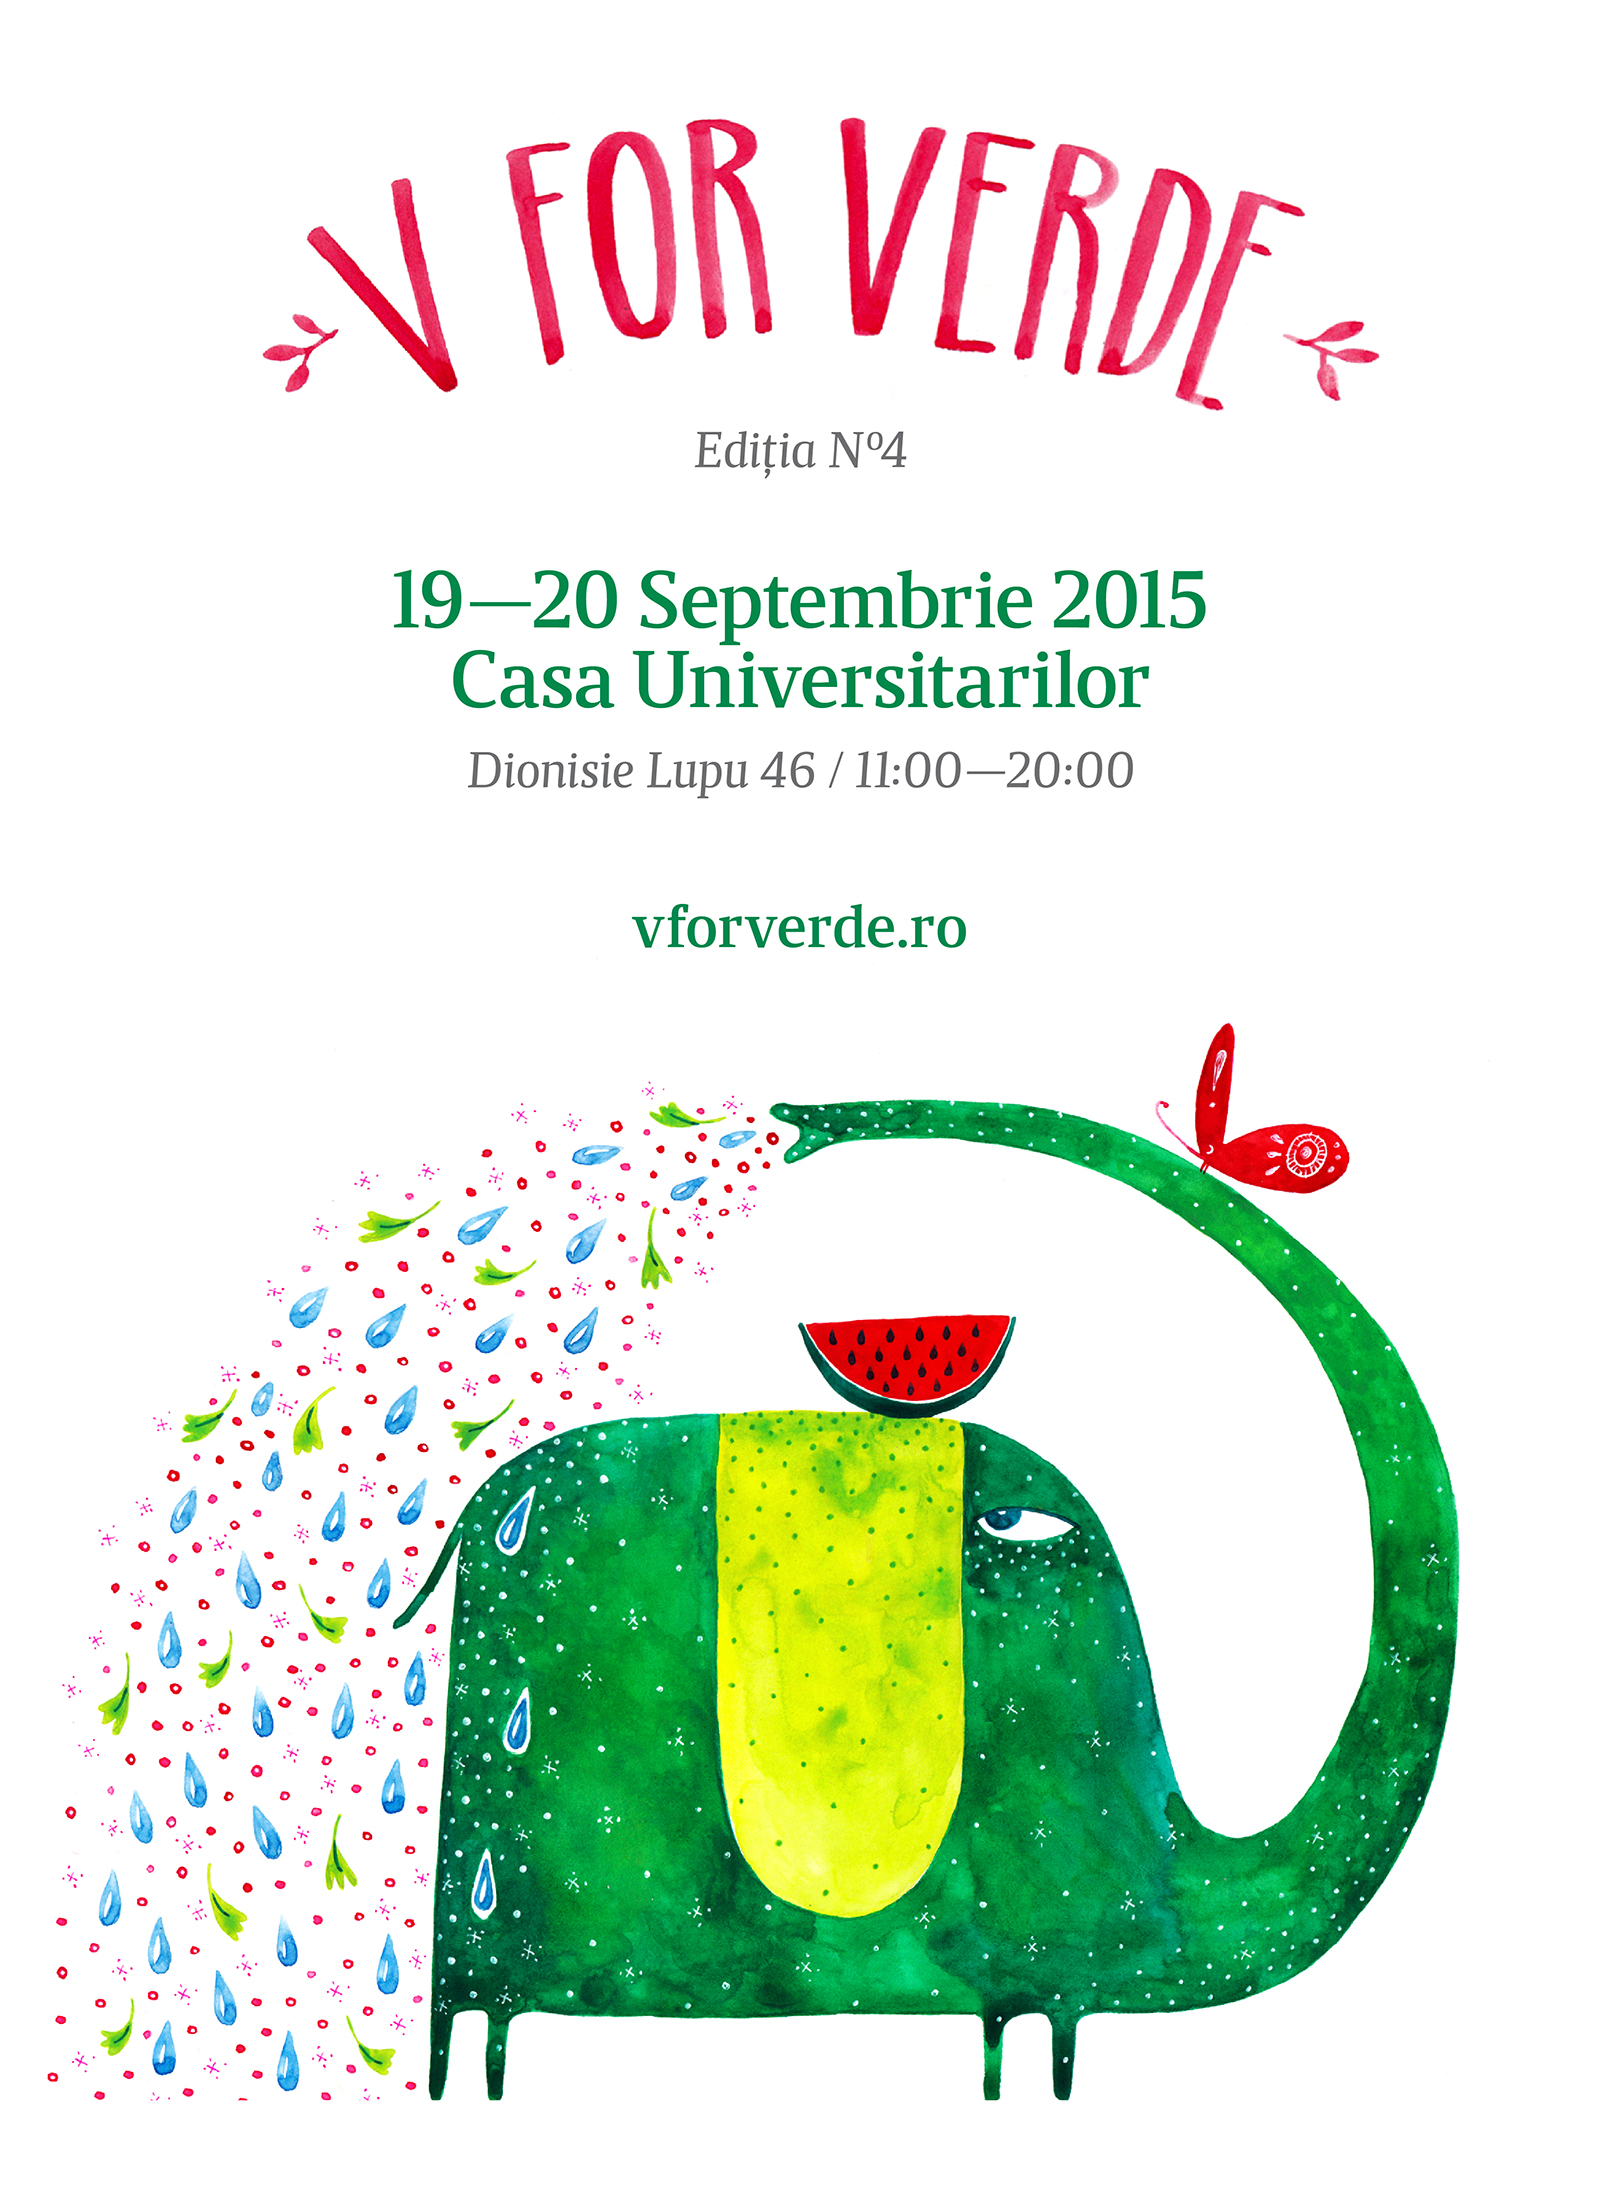 Targul V for Verde / 19—20 Septembrie / Casa Universitarilor